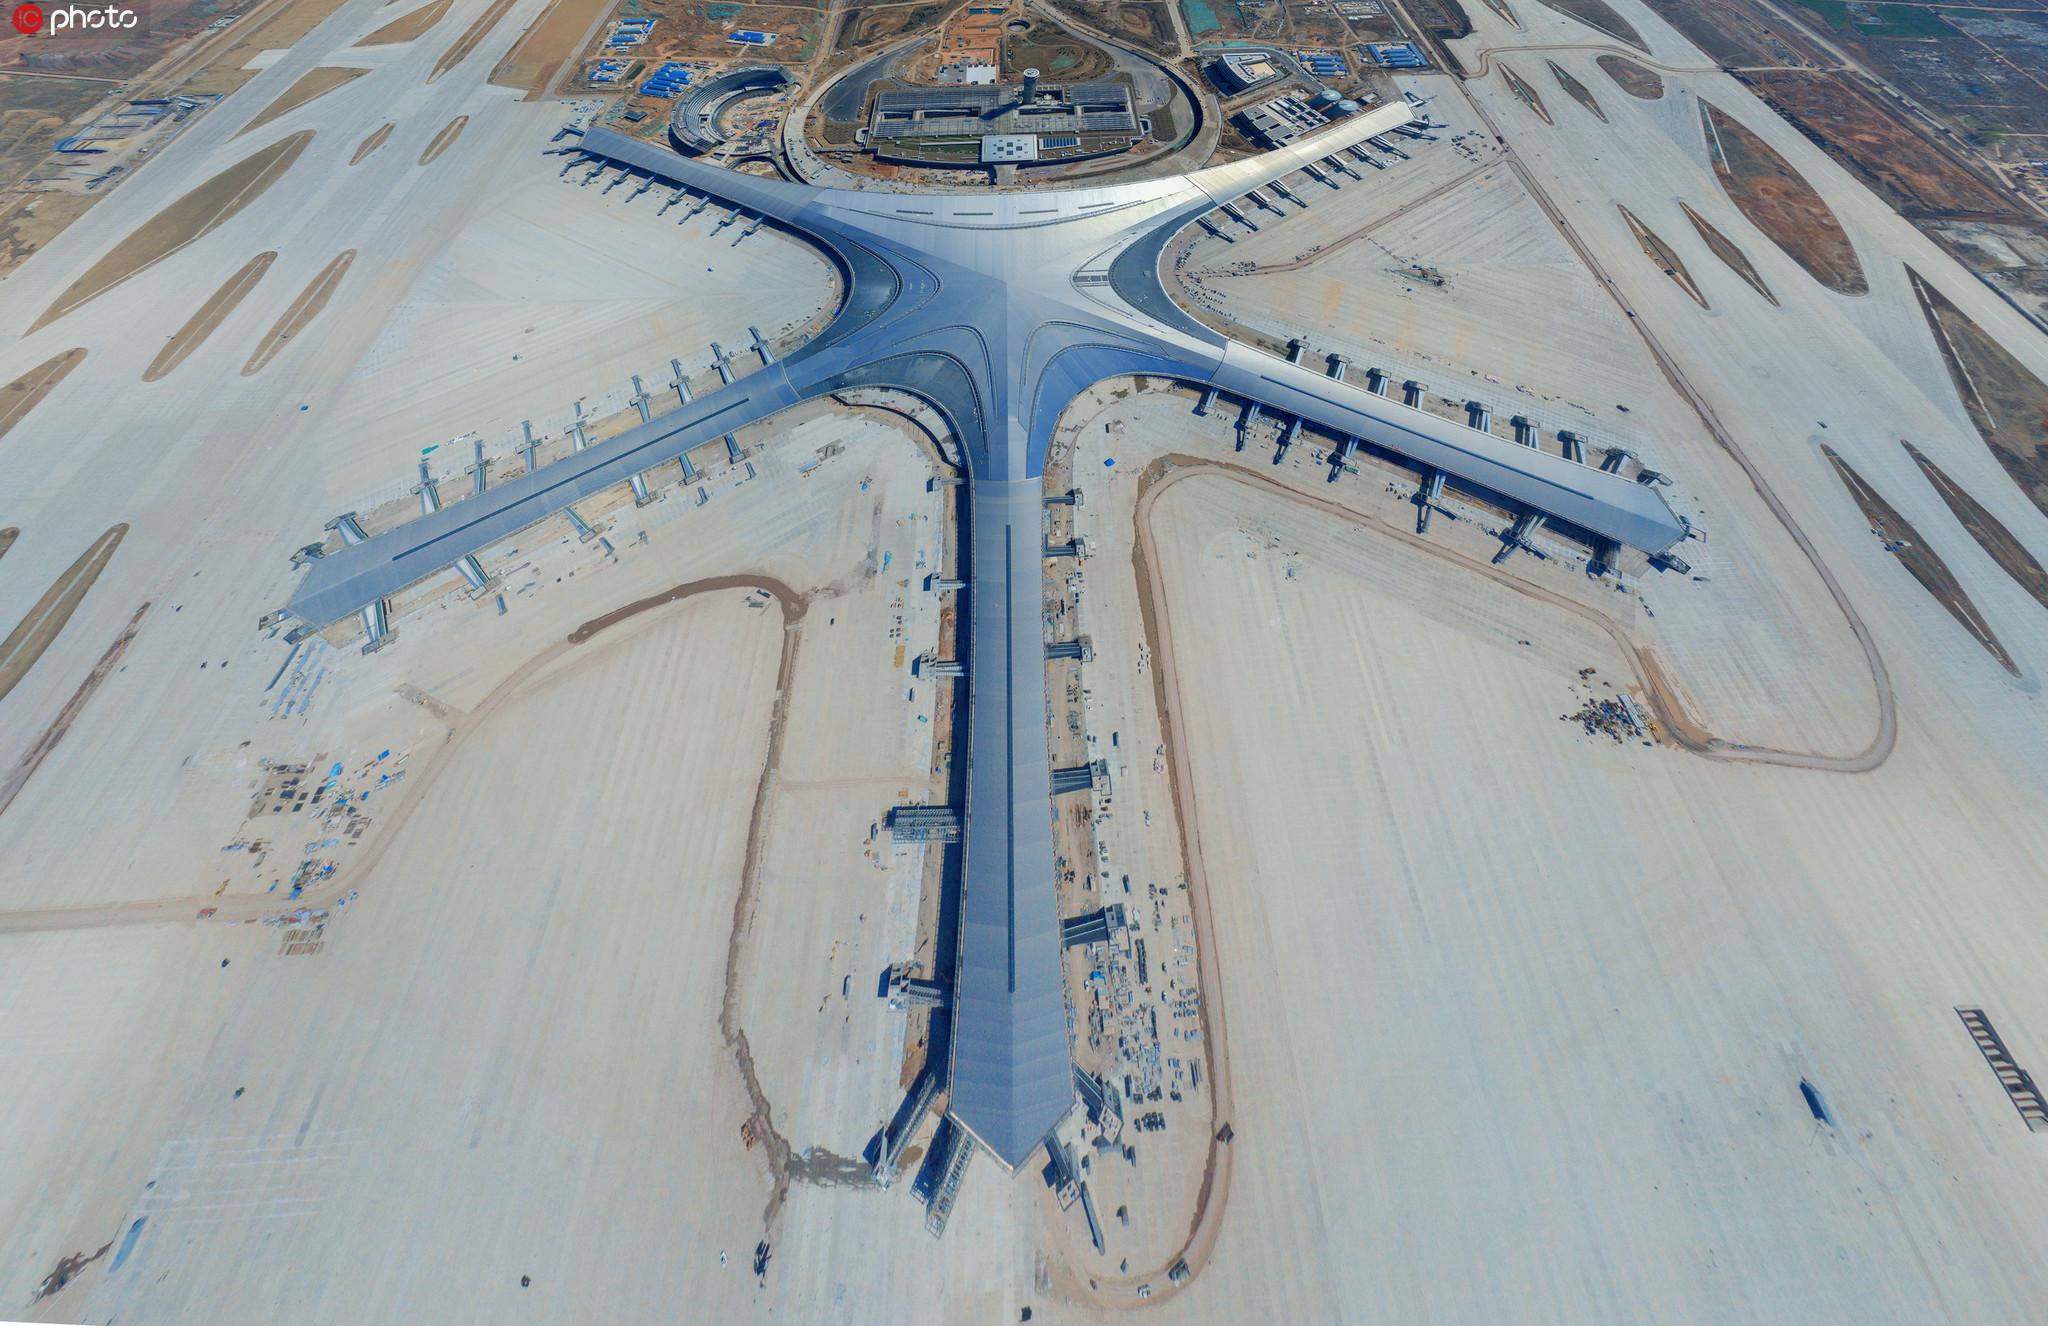 青岛胶东国际机场最新航拍图 海星筋骨渐长成